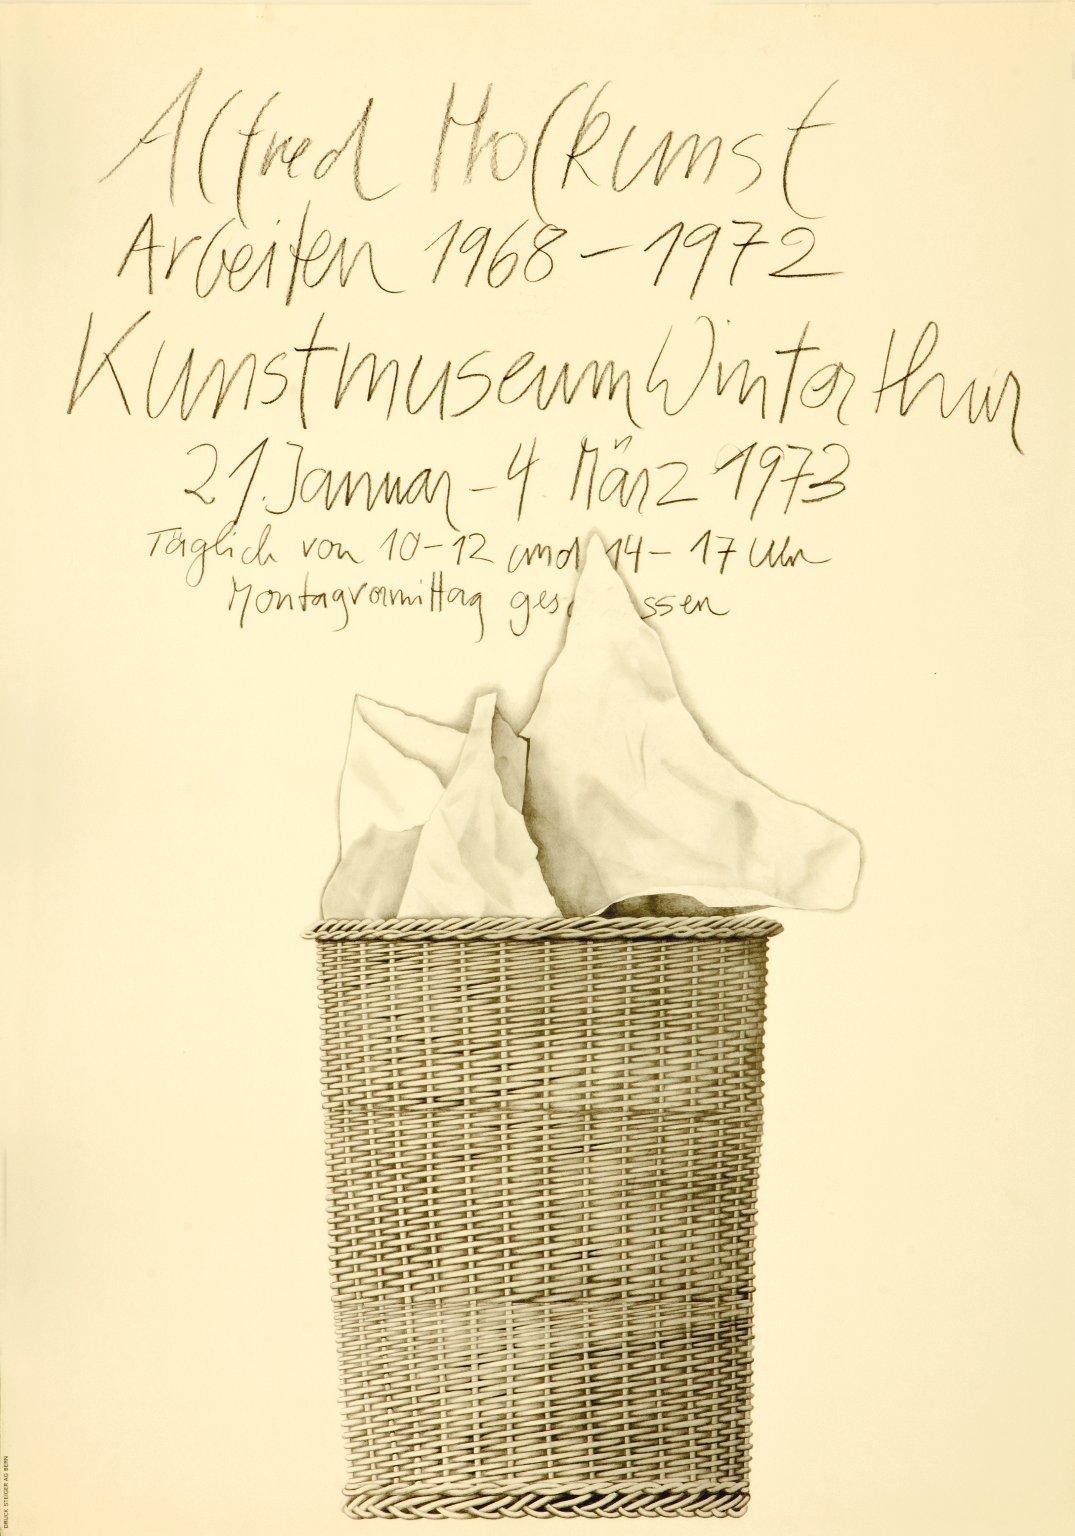 Ausstellung: Alfred Hofkunst